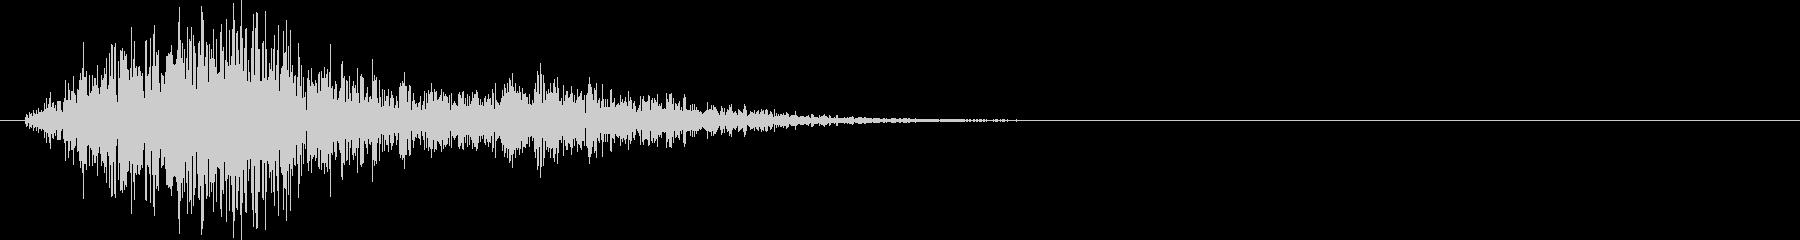 パフパフラッパ02の未再生の波形